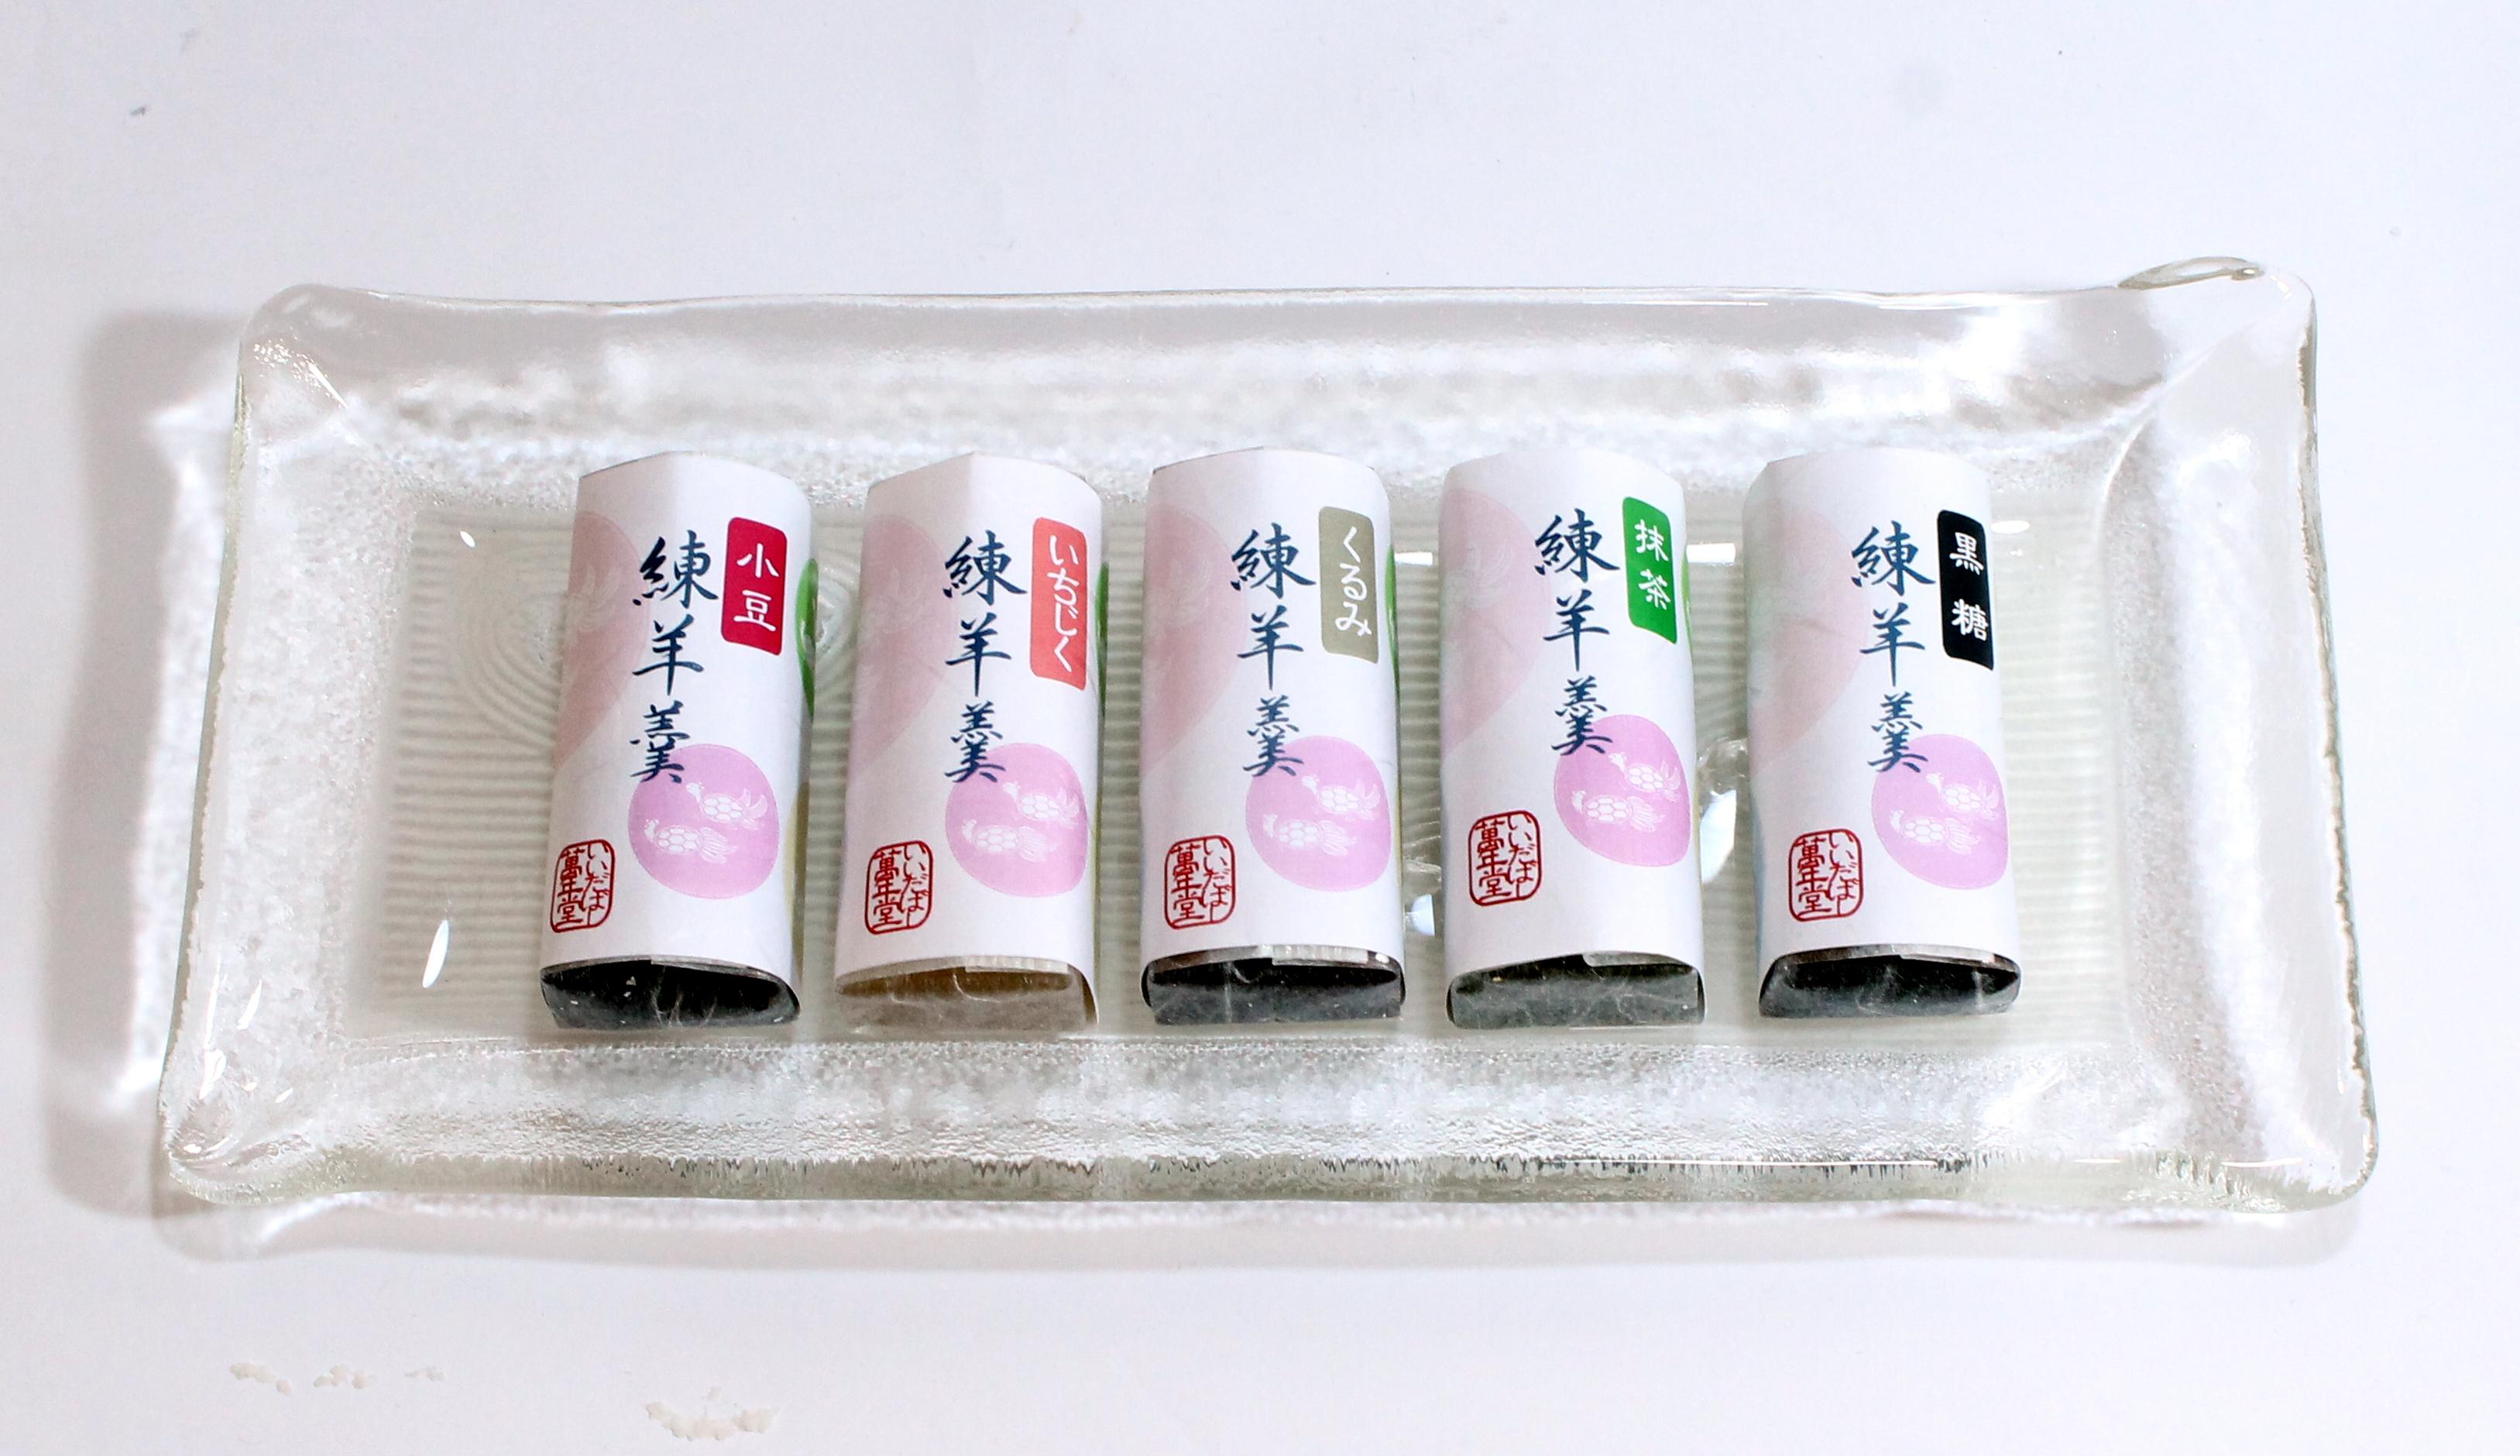 ひふみ練羊羹 5本入(小豆こし・抹茶・黒糖・くるみ・いちじく)